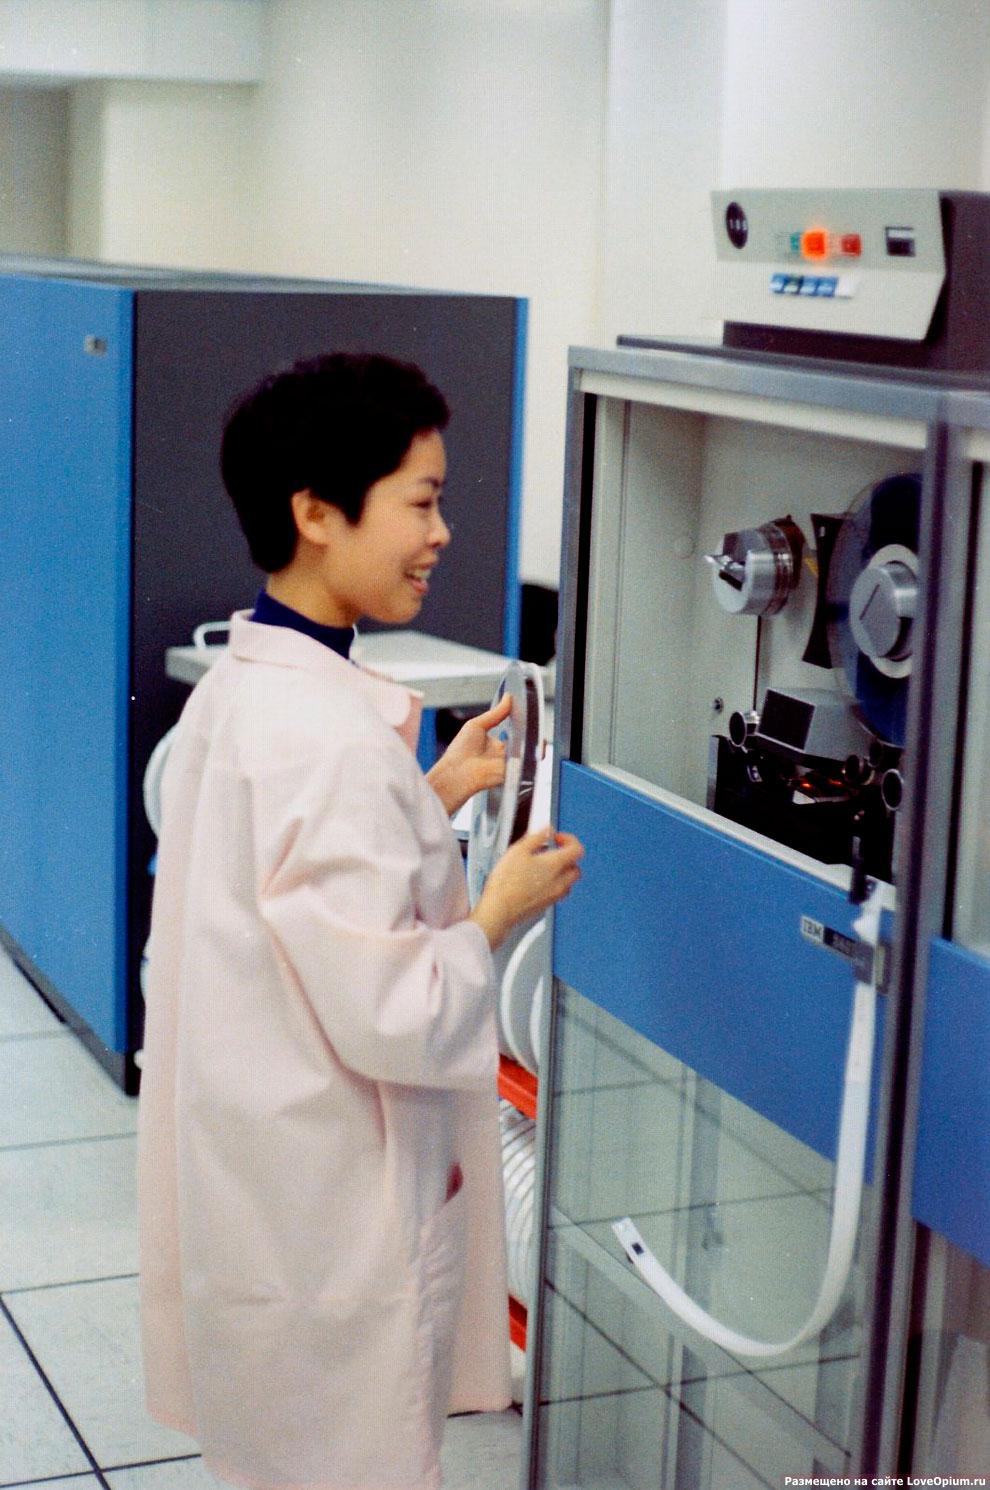 Центр резервного копирования данных на бобинах с лентами